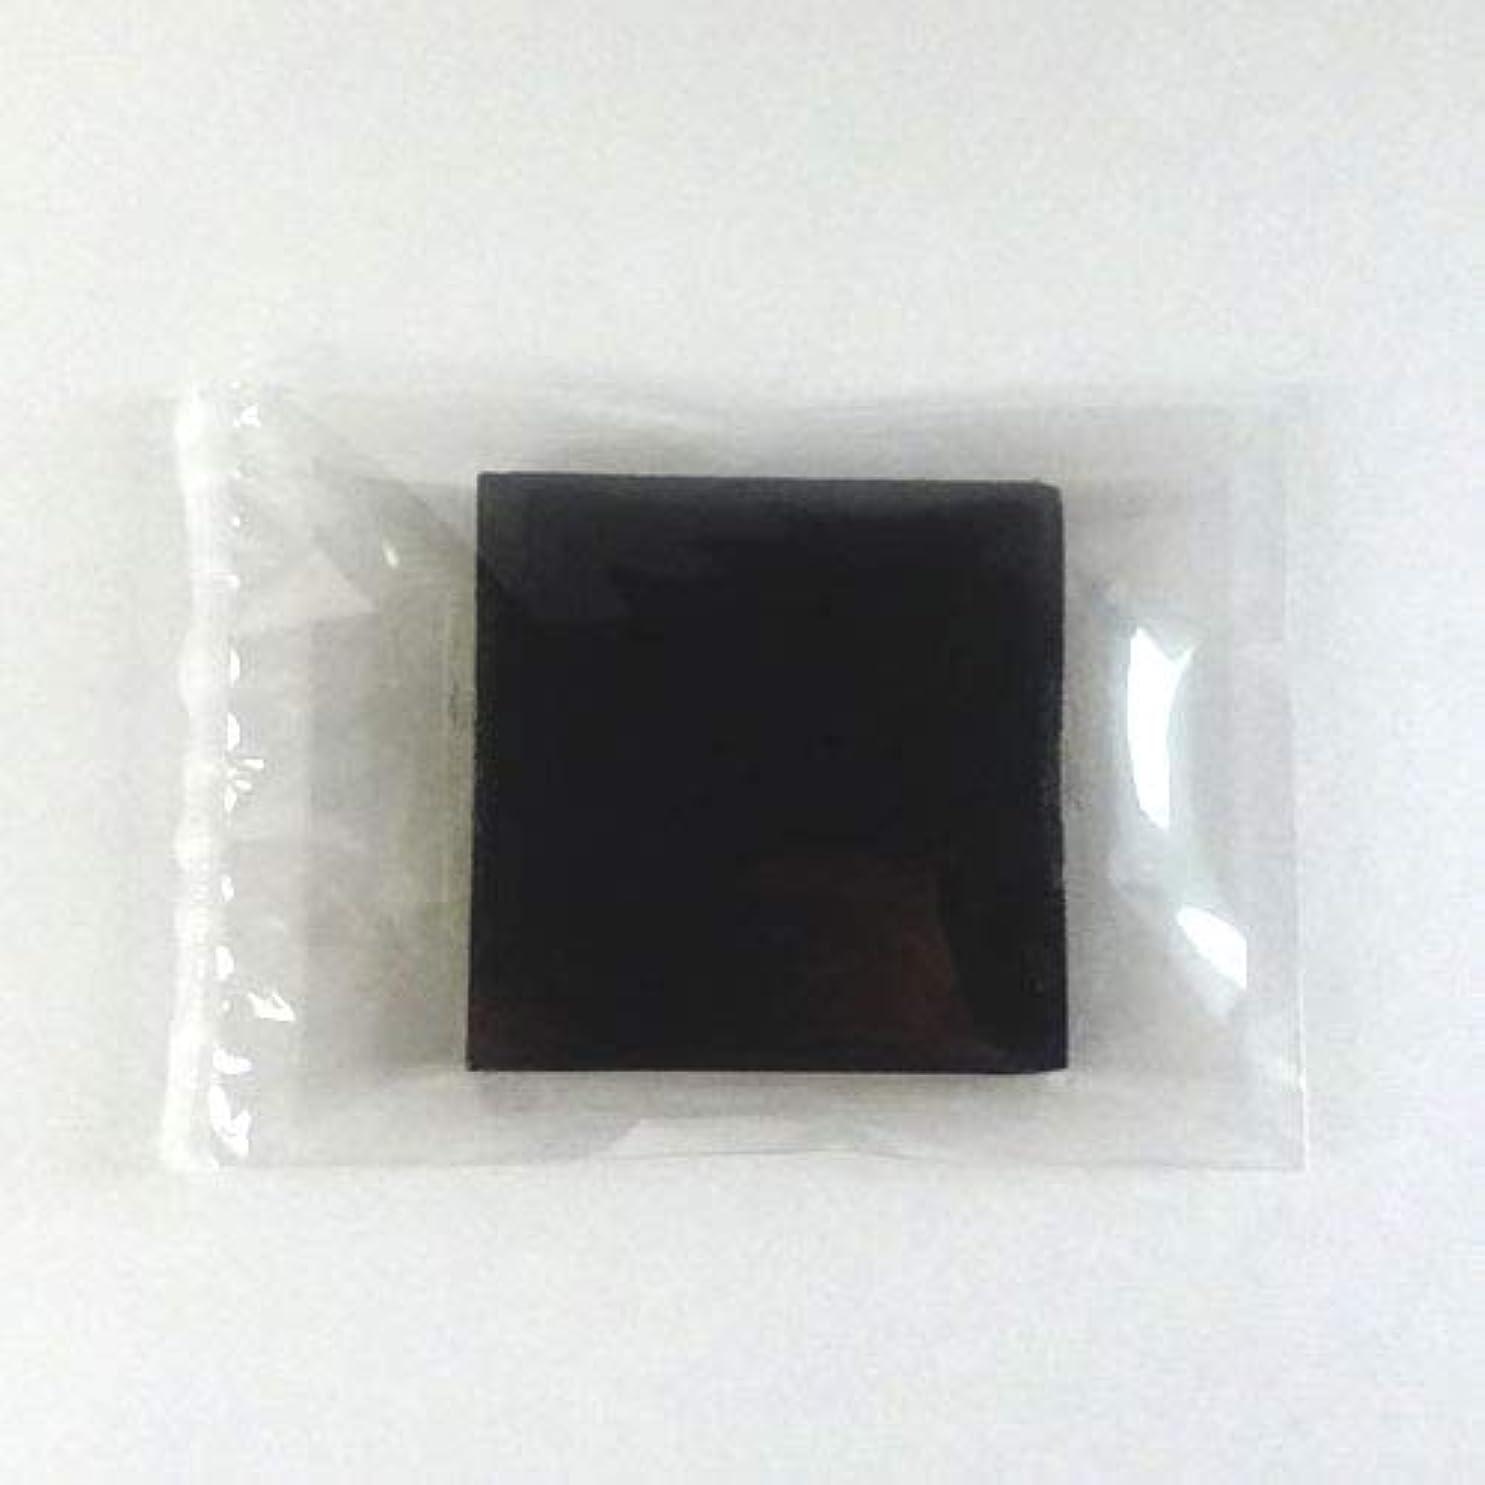 短くする豆キュービックグリセリンソープ MPソープ 色チッププ 黒(ブラック) 60g (30g x 2pc)